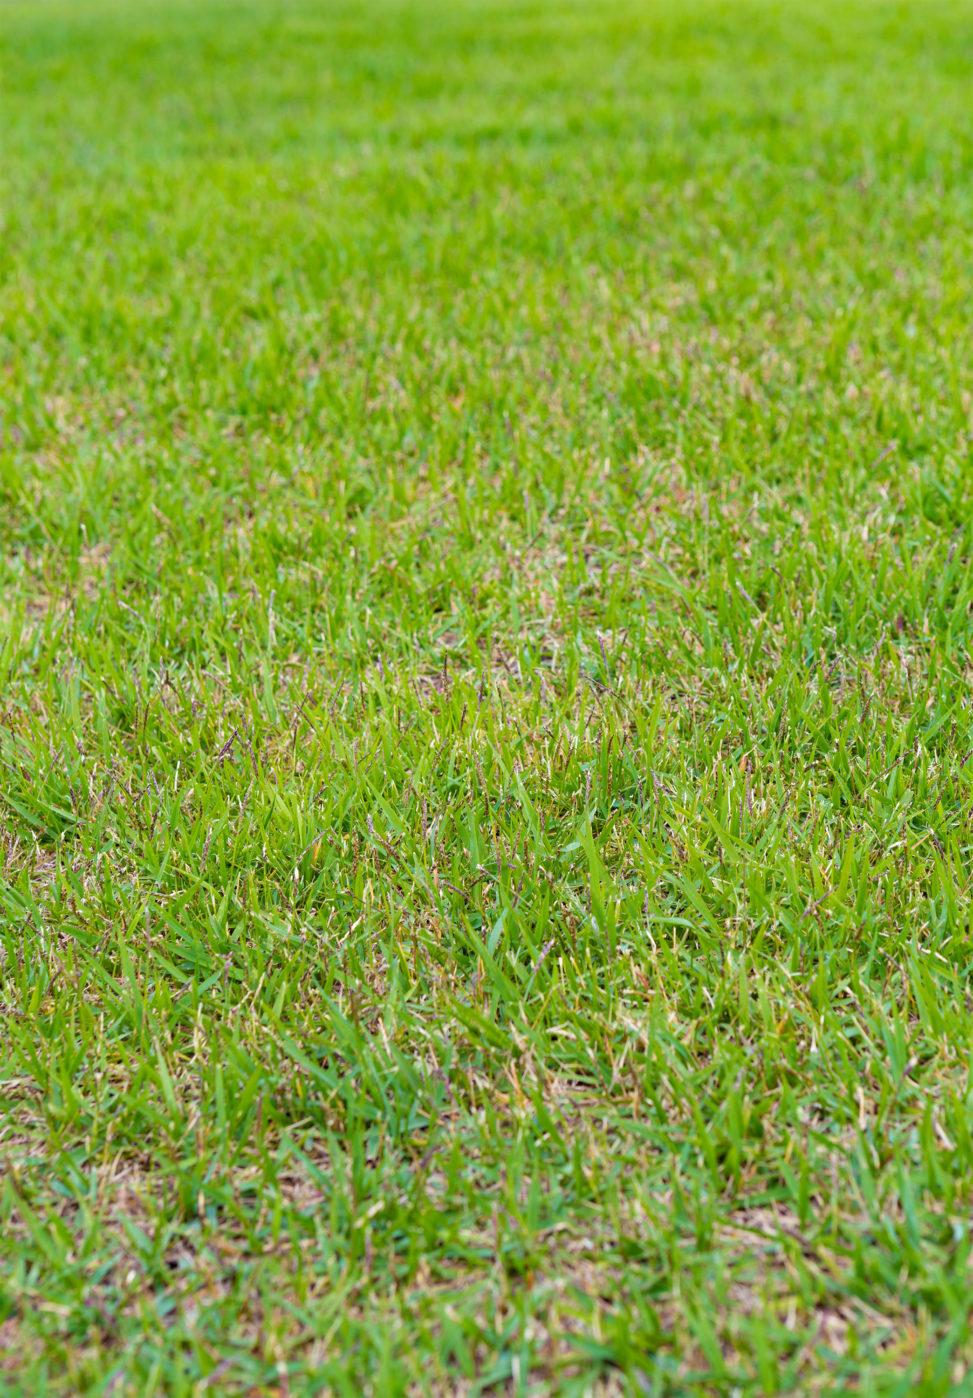 芝生の写真素材